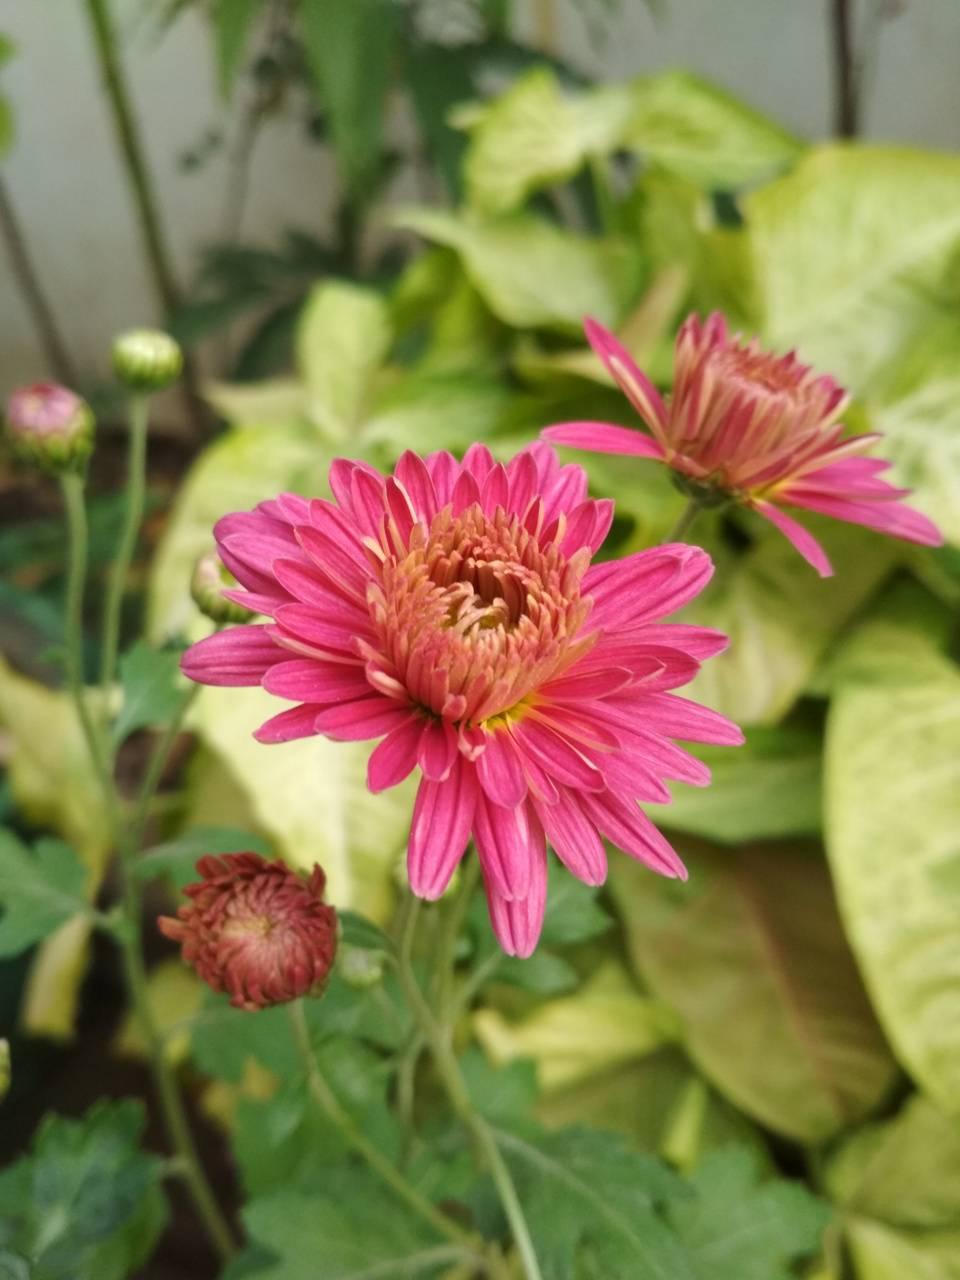 Oshaf garden flower